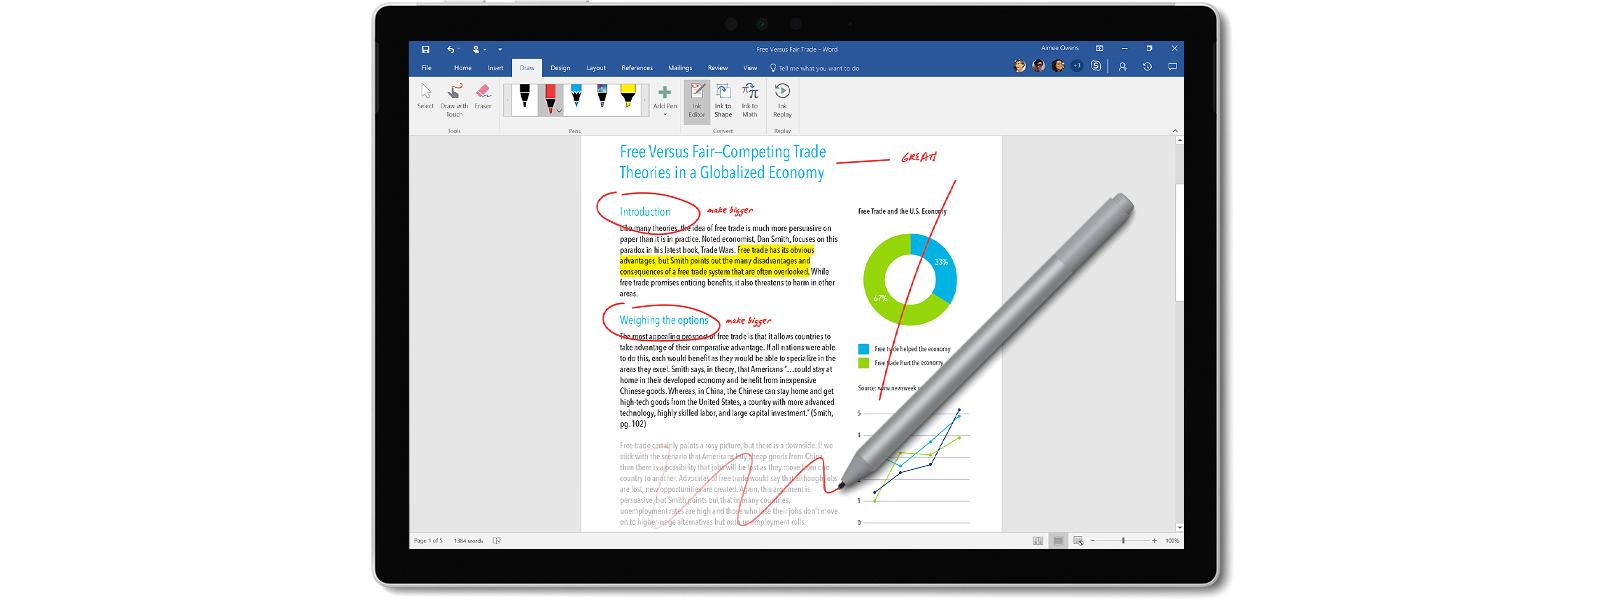 Skjermbilde av Surface-penn som redigerer en side, med kommentarer, utheving, gjennomstreking og merket tekst i sirkel.